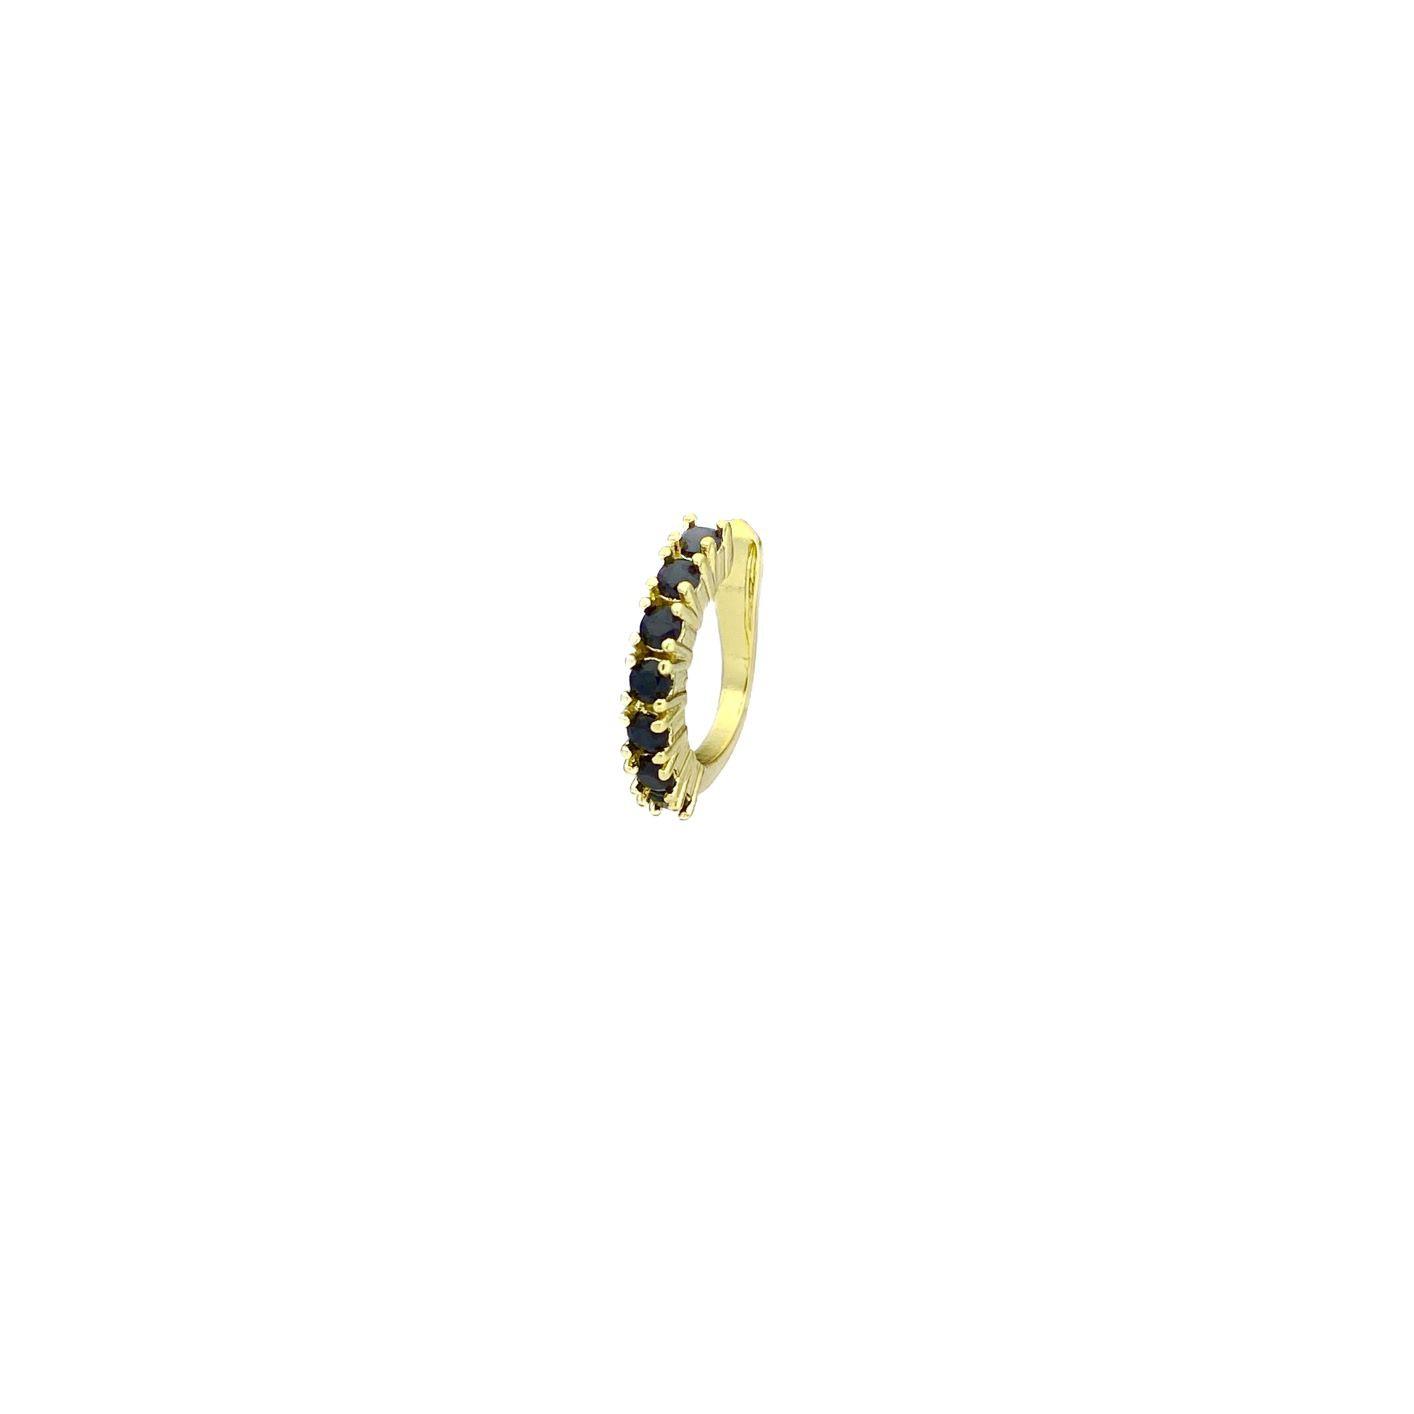 Piercing Fake Concha Helix Zircônia Negra 1 Fileira (Banho Ouro 24k)